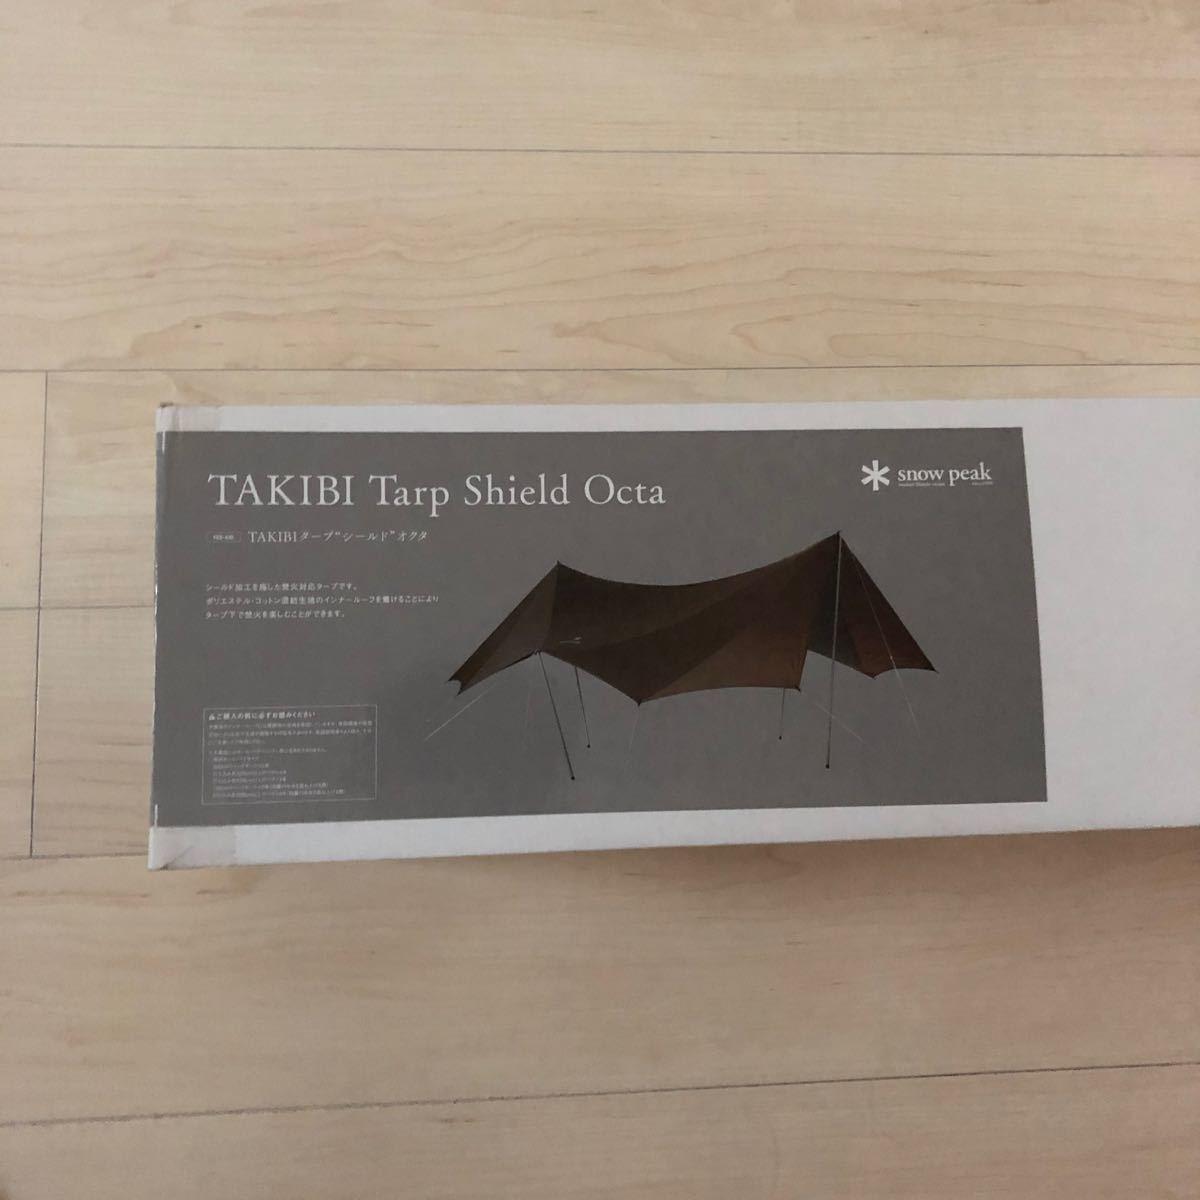 スノーピークTAKIBI タープシールドオクタFES-430 雪峰祭 新品未使用・未開封 限定品